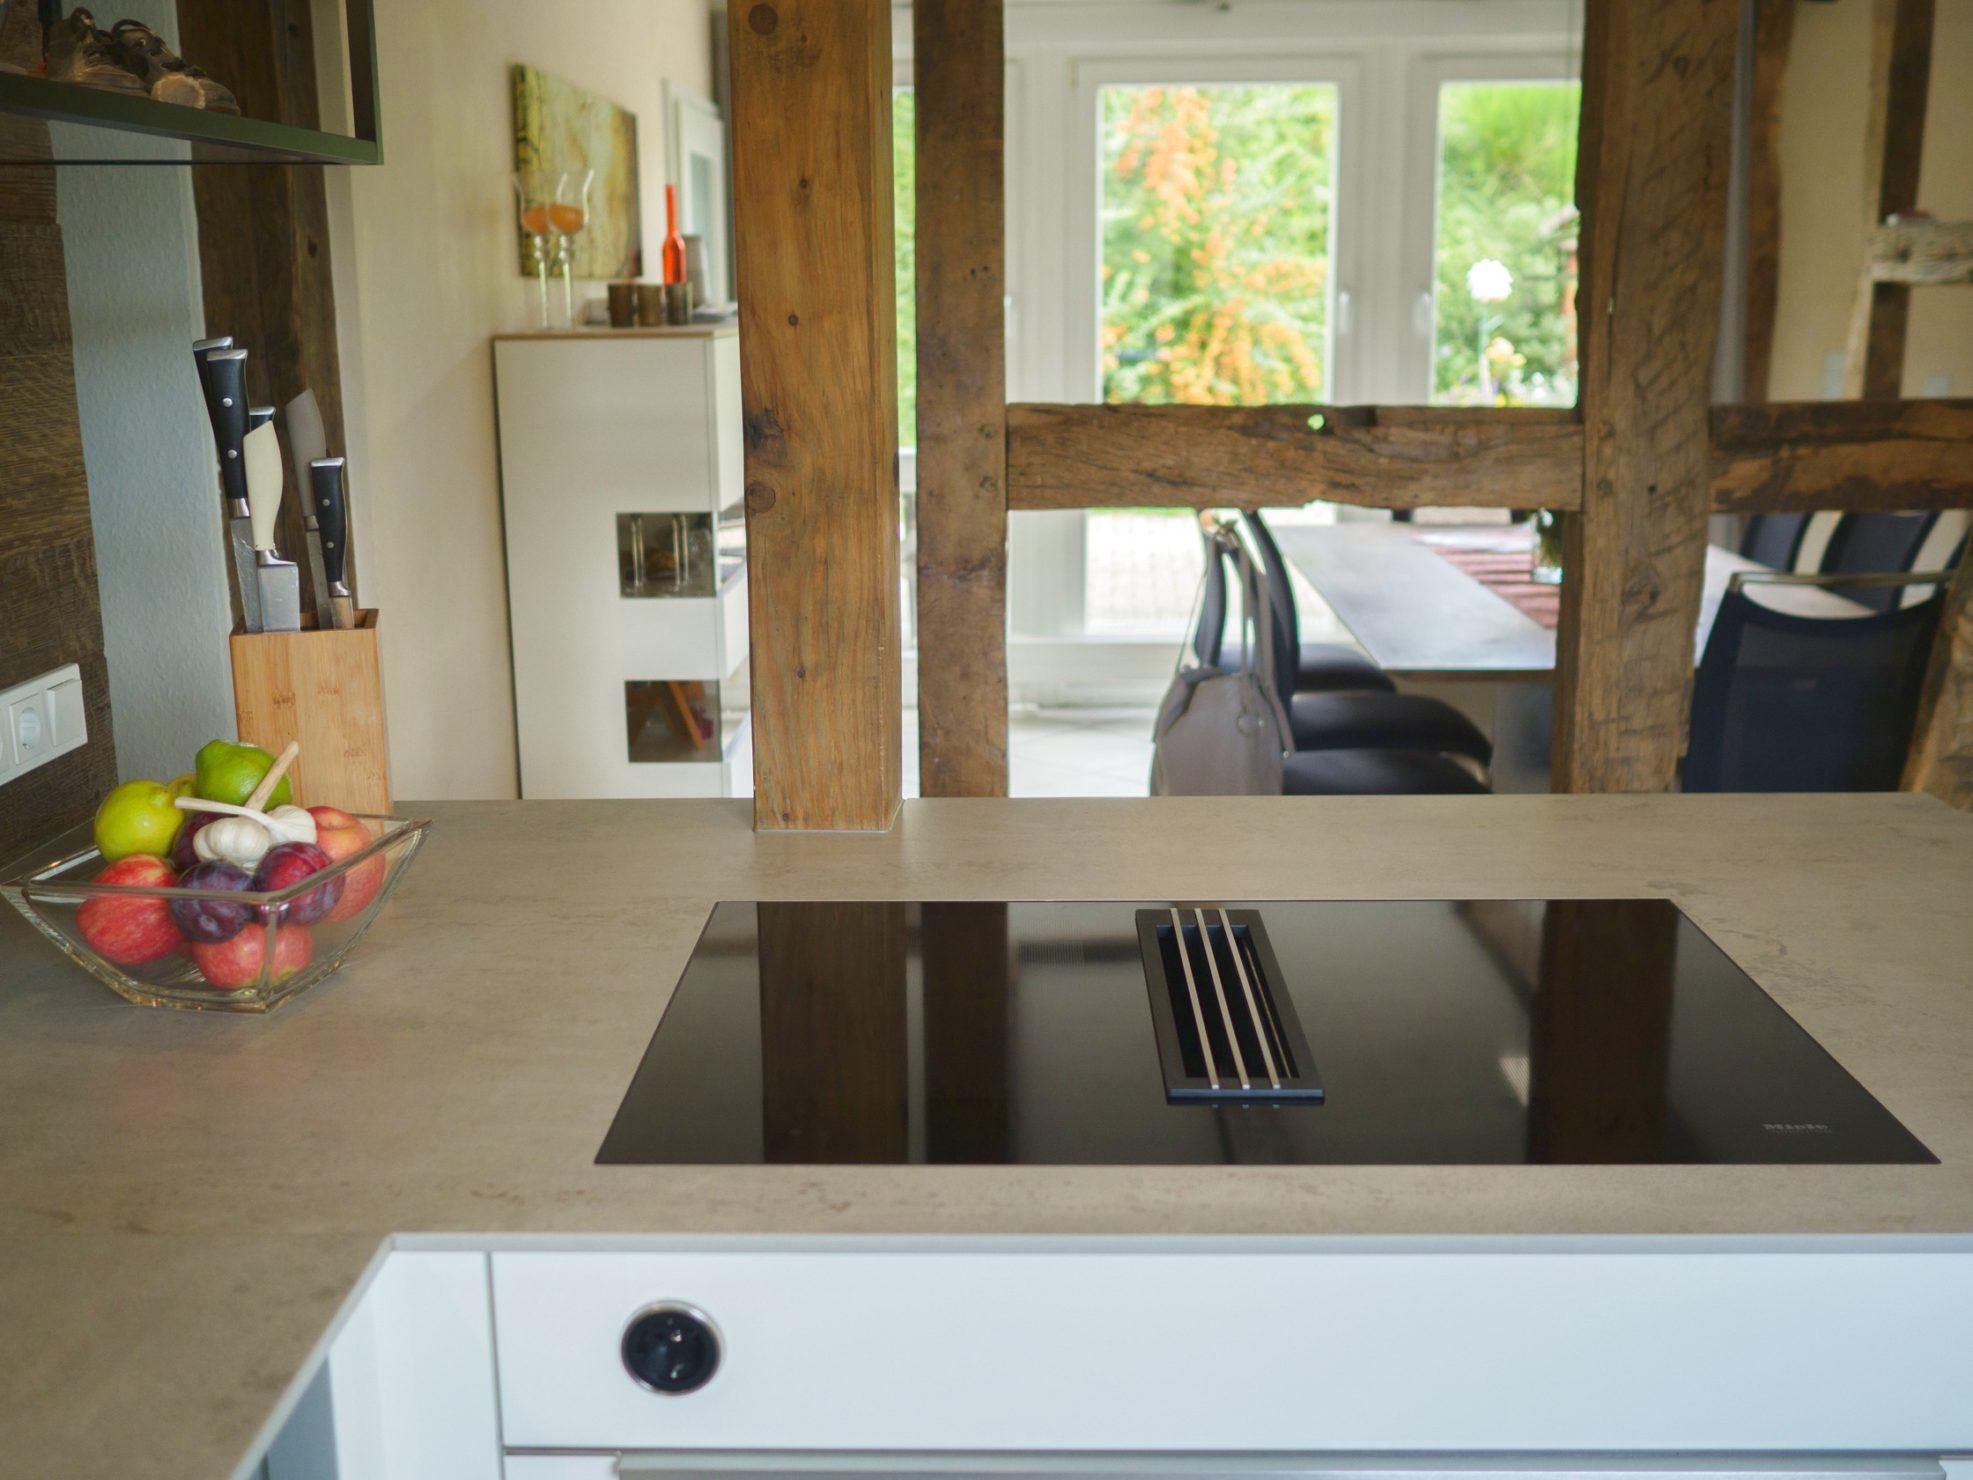 Kueche Fachwerkhaus Hochglanzweiss Keramikarbeitsplatten Rueckwand Alteiche Schreinerei Miele Geraeten 14